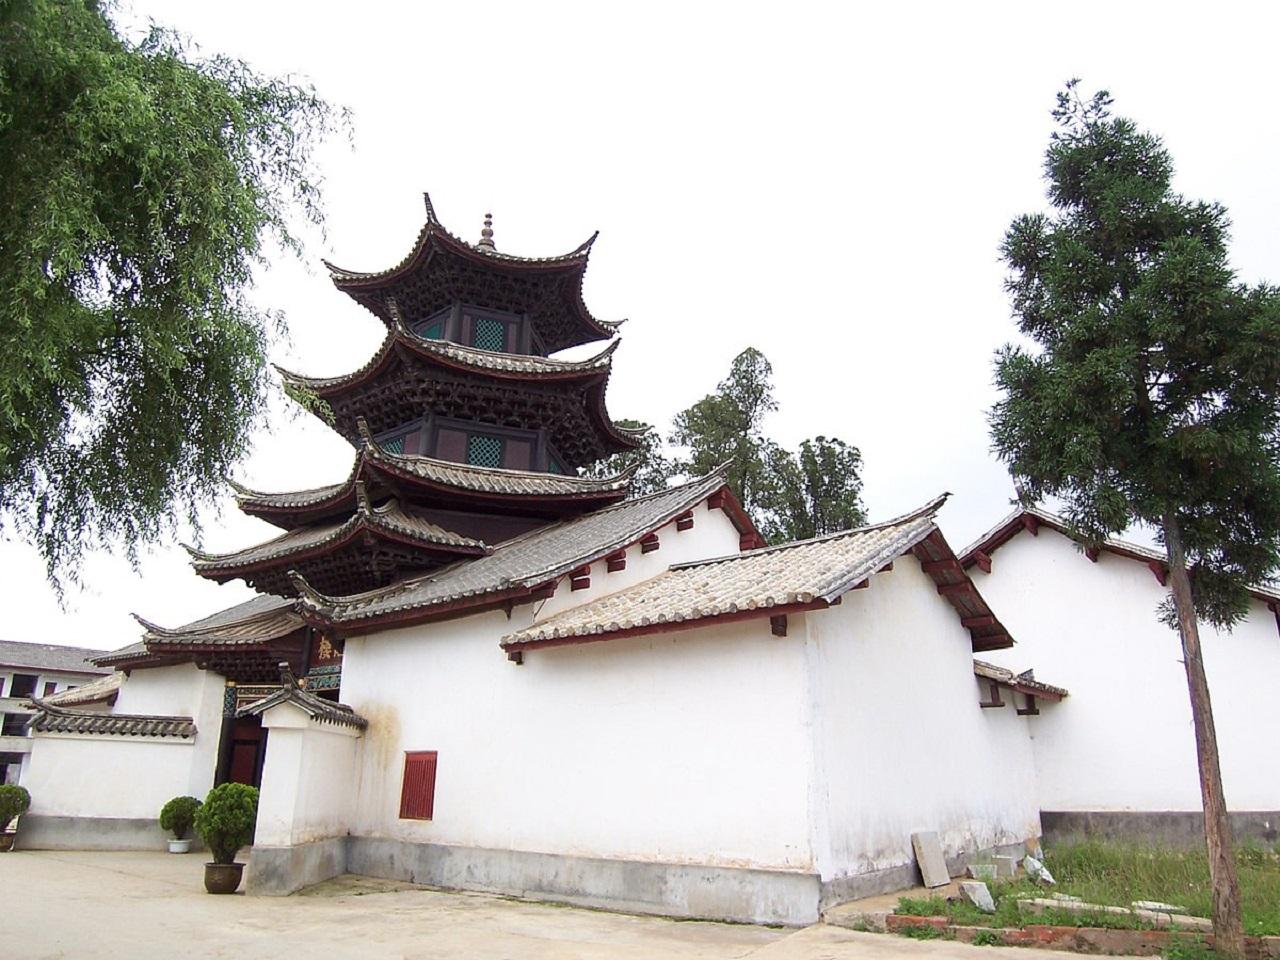 拖姑清真寺